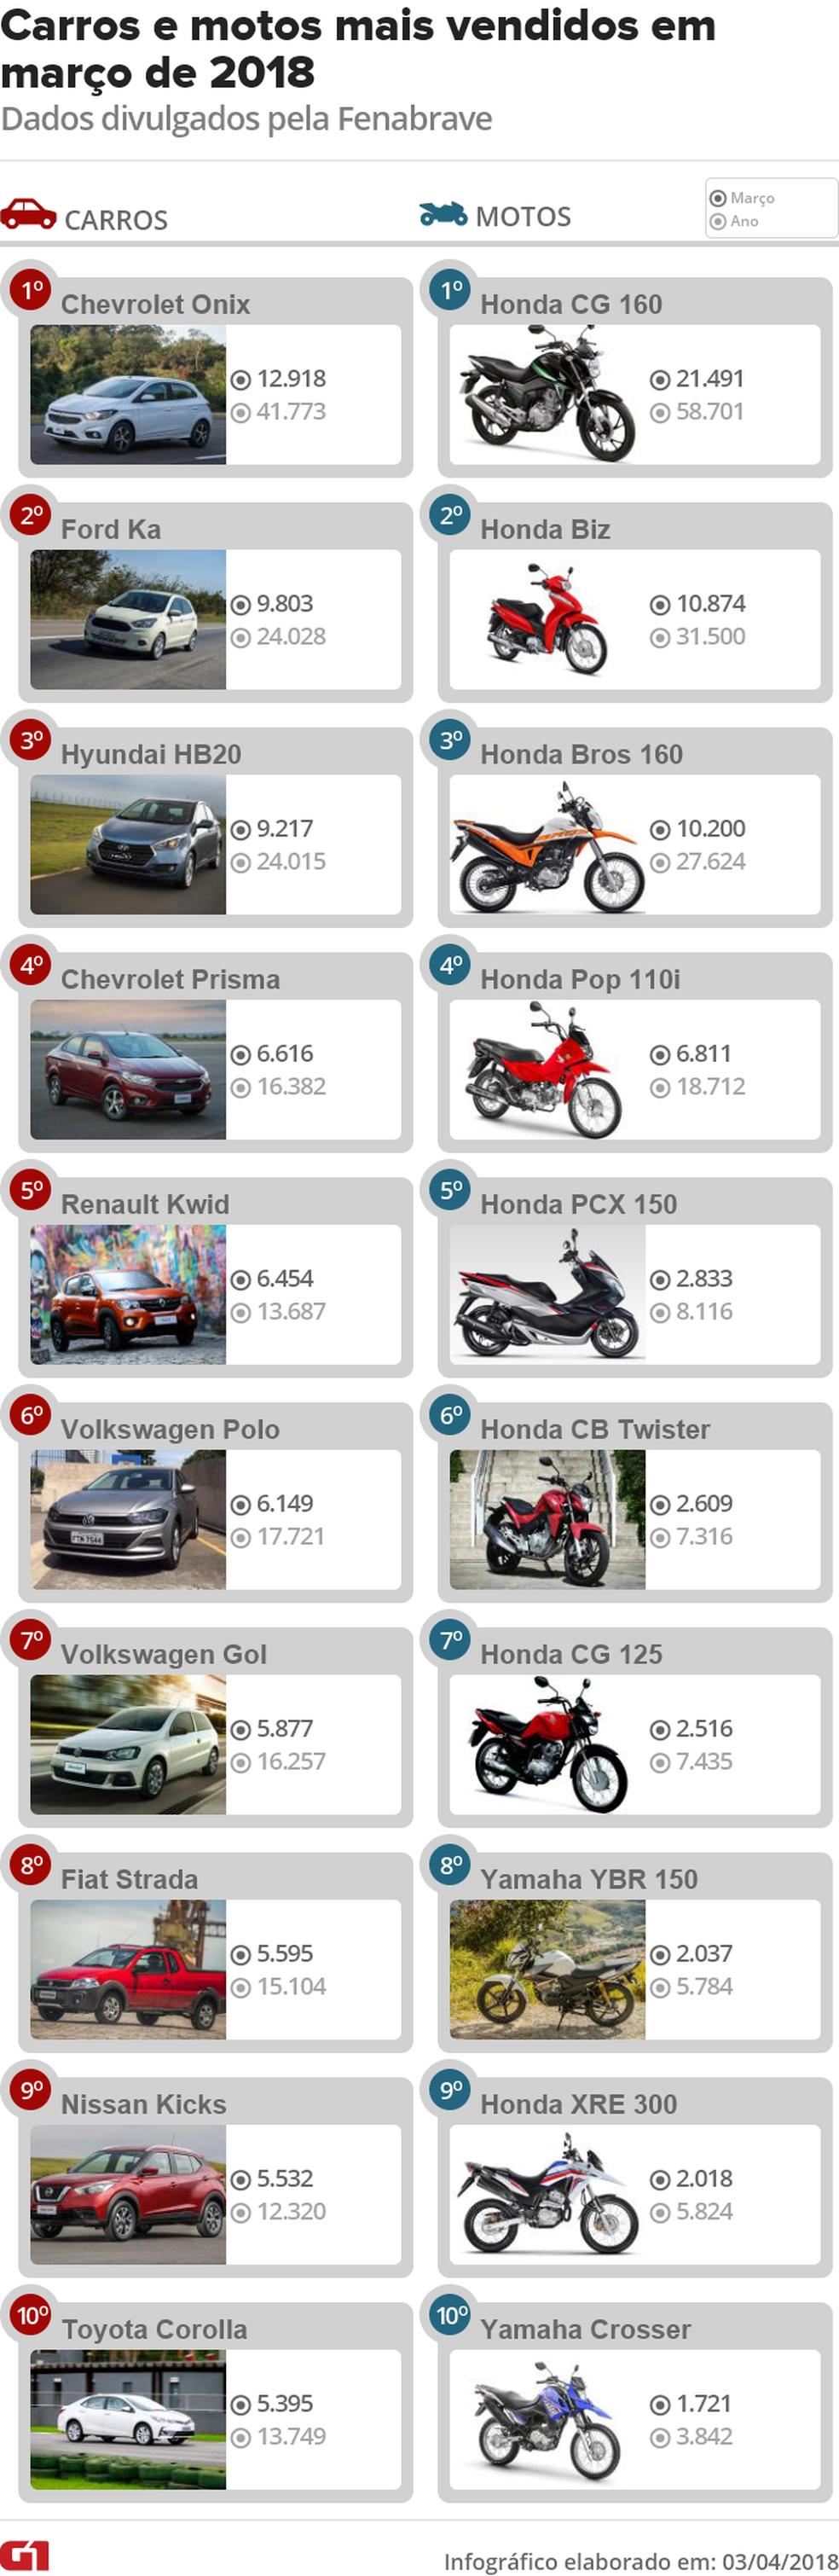 Carros e motos mais vendidos no Brasil em março de 2018 (Foto: Divulgação)